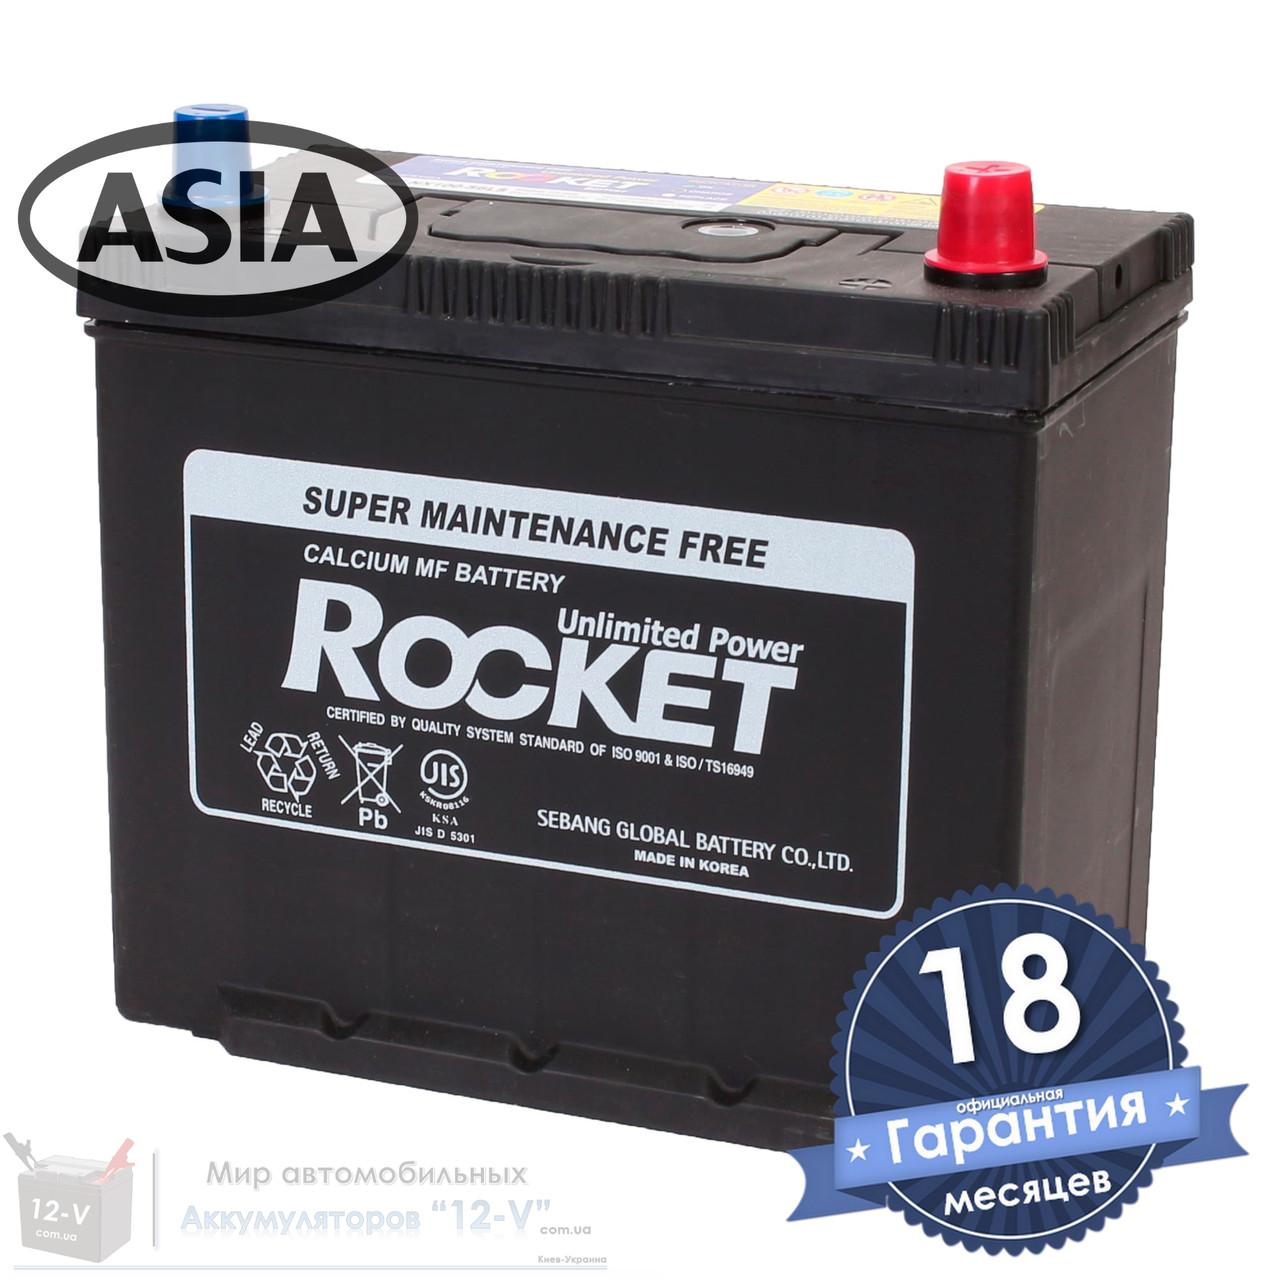 Аккумулятор автомобильный ROCKET 6CT 45Ah ASIA, пусковой ток 540А [–|+] (NX100-S6LS)